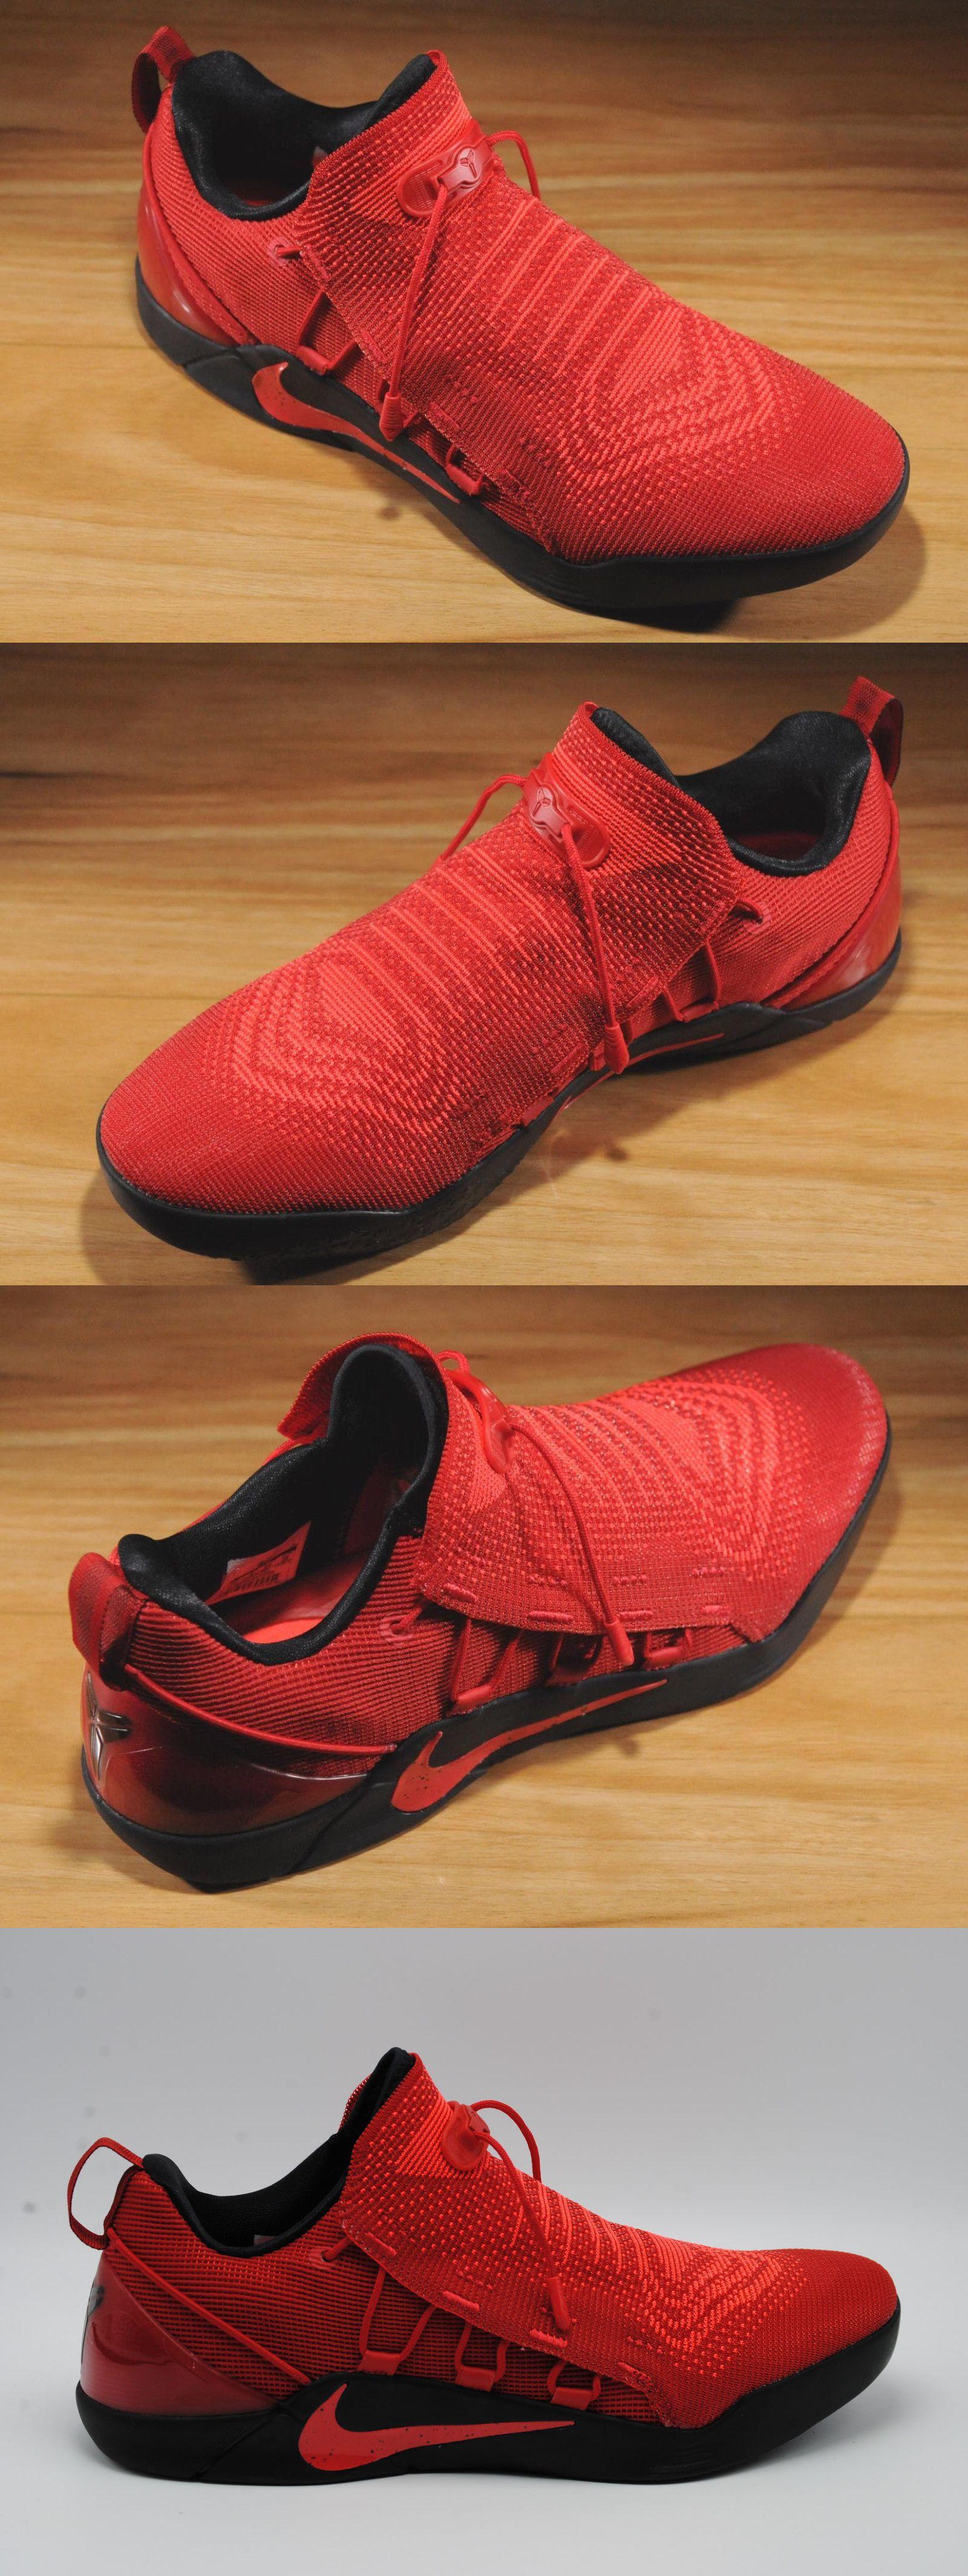 atletica 15709: uomini s nike kobe nxt scarpe da basket di dimensione